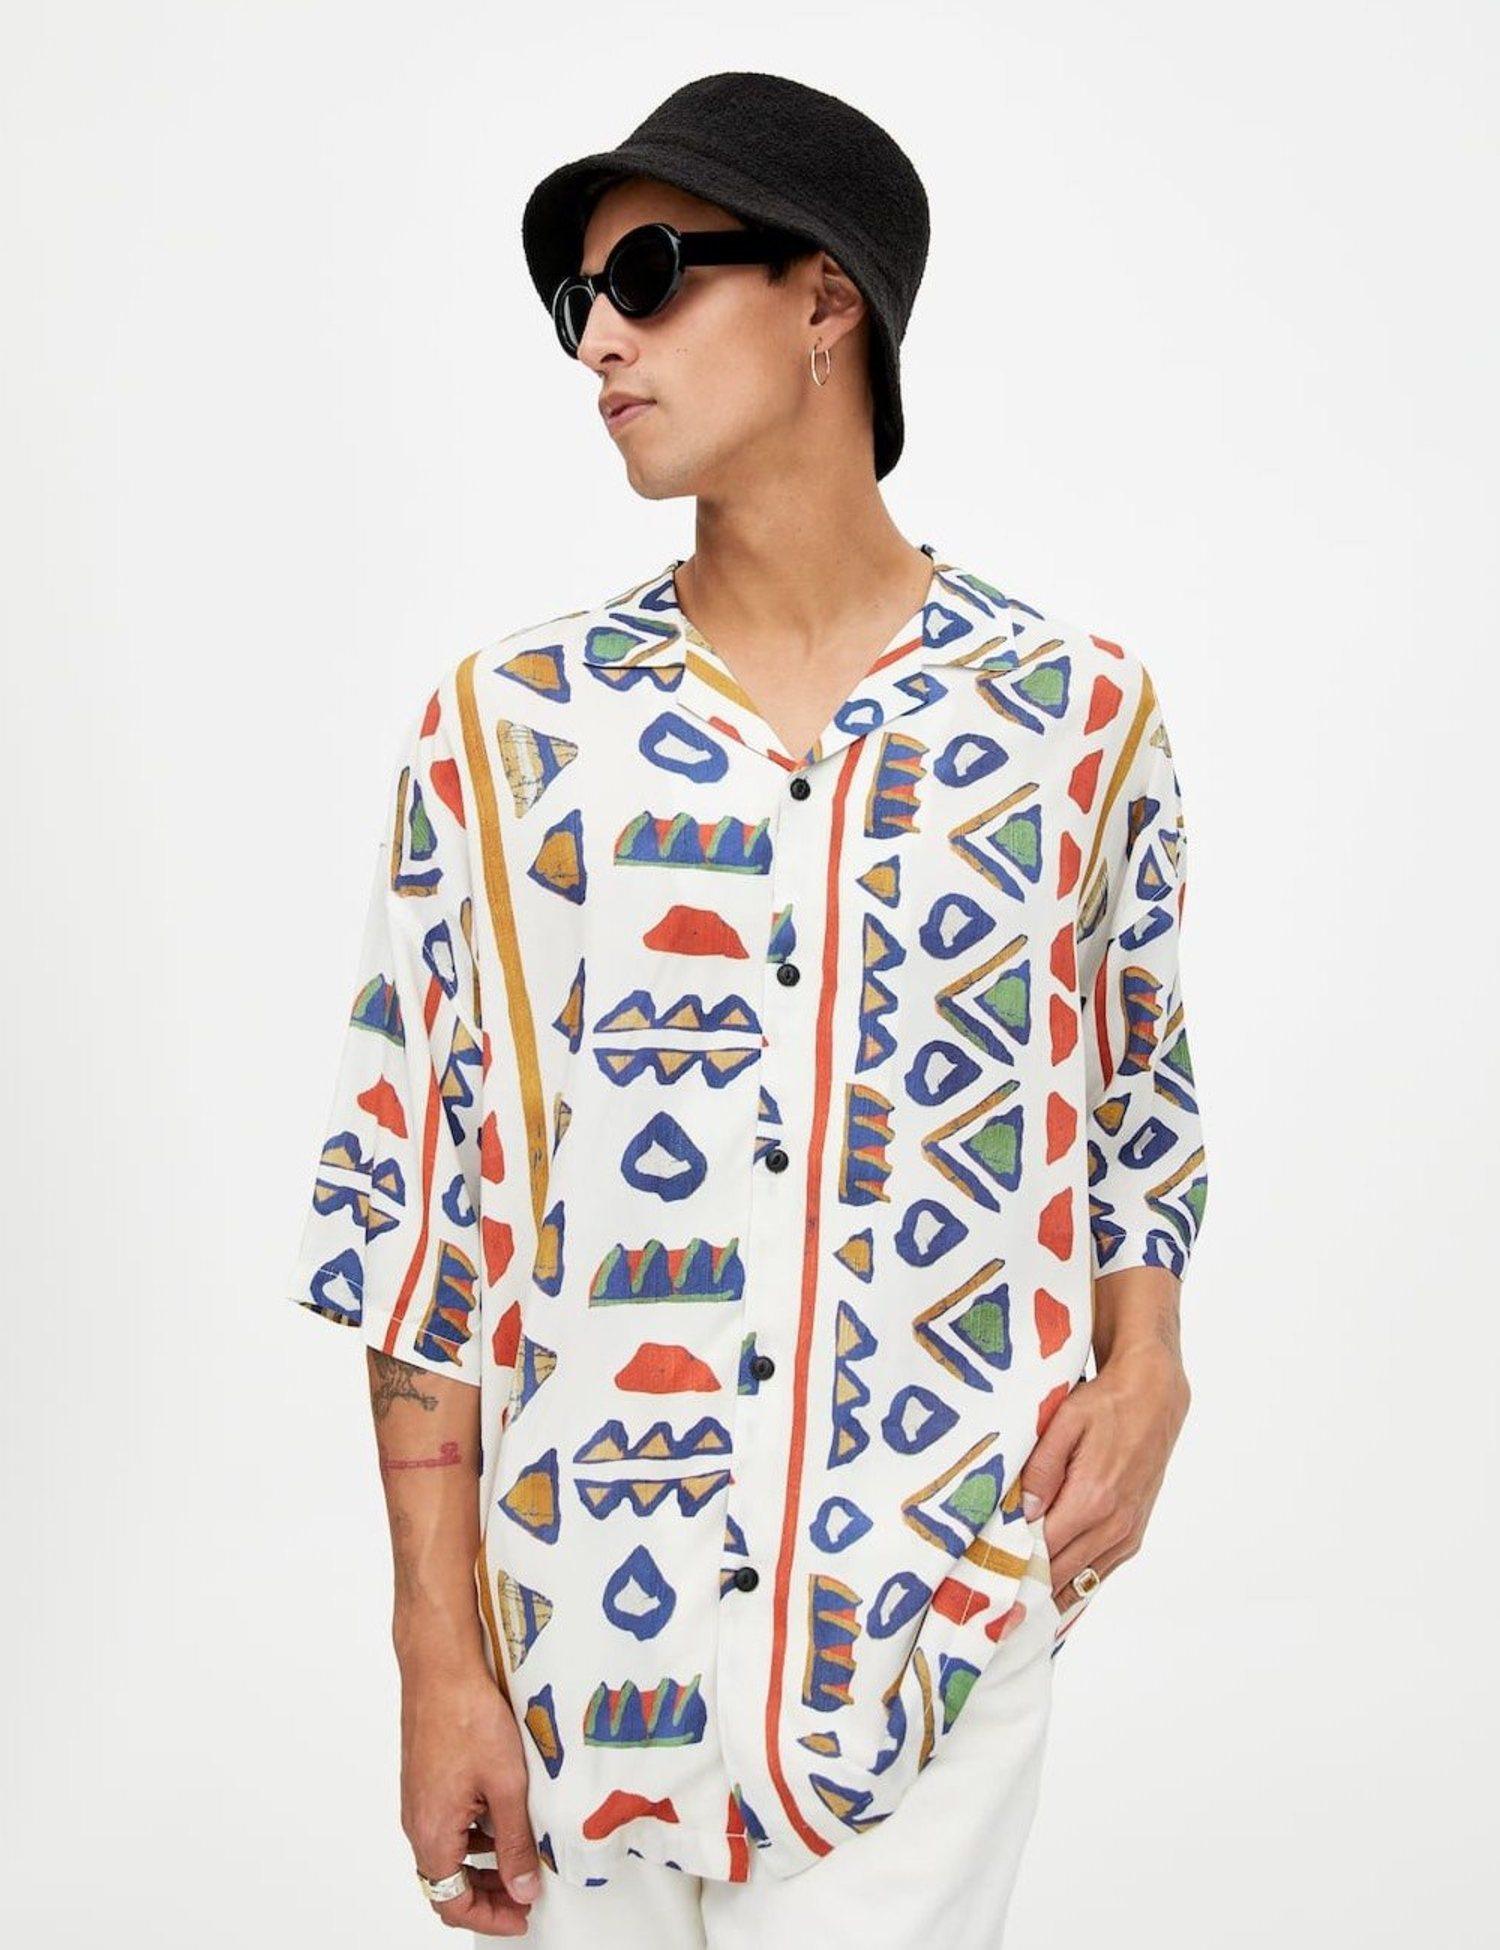 Camisa con estampado étnico sobre fondo blanco